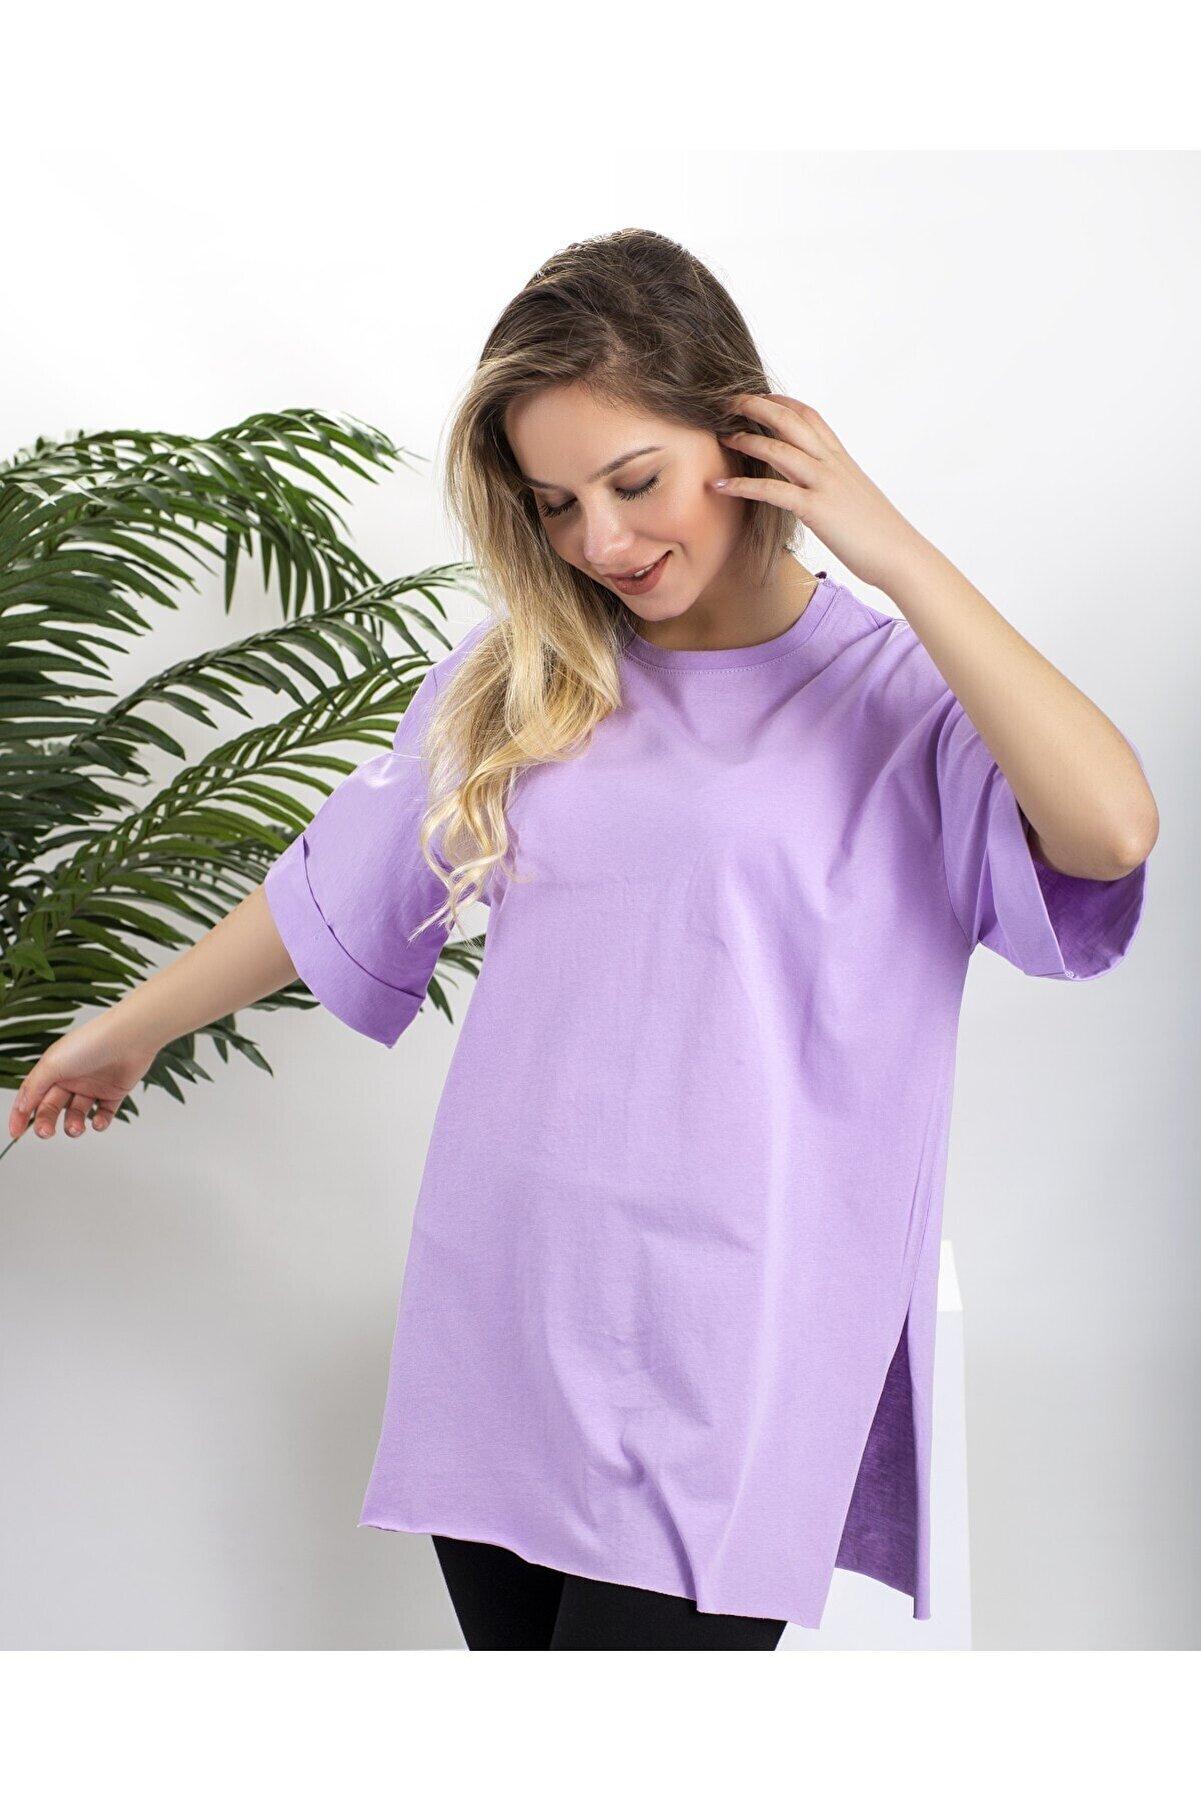 mağaza 35 Kadın Lila Bisiklet Yaka Kol Manşetli Yan Yırtmaçlı Oversize T-shirt